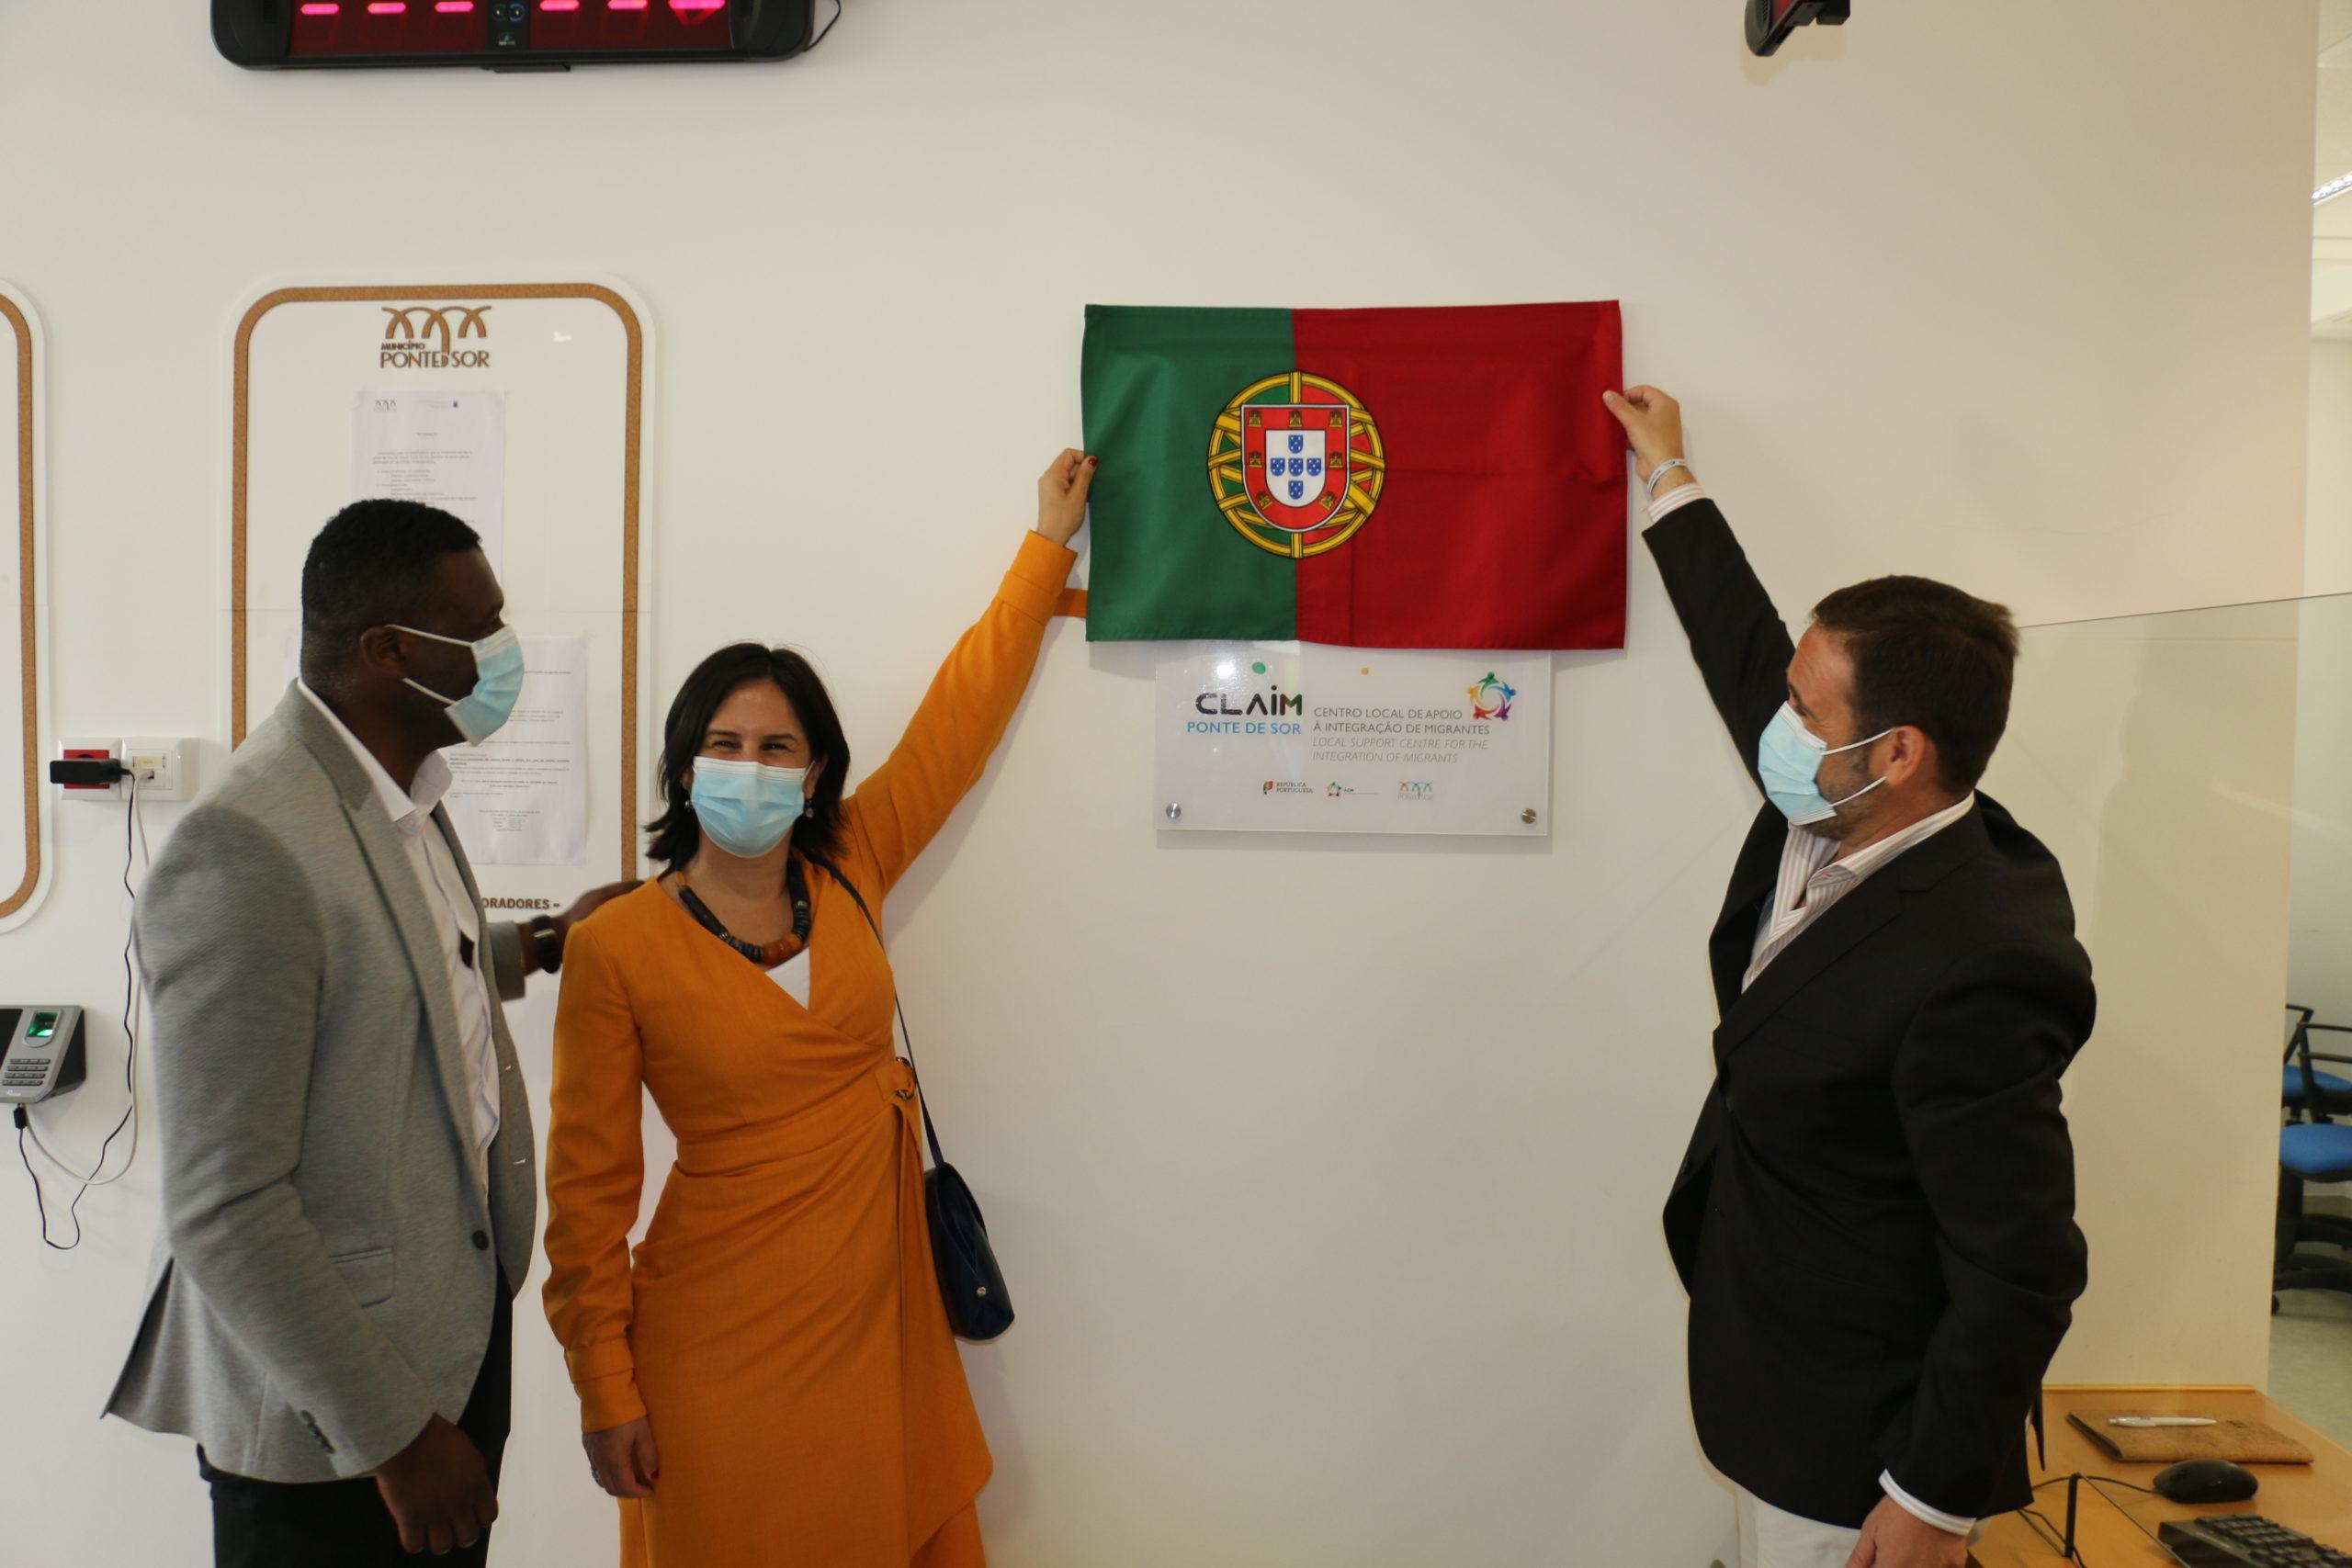 Inaugurado Centro Local de Apoio à Integração de Migrantes